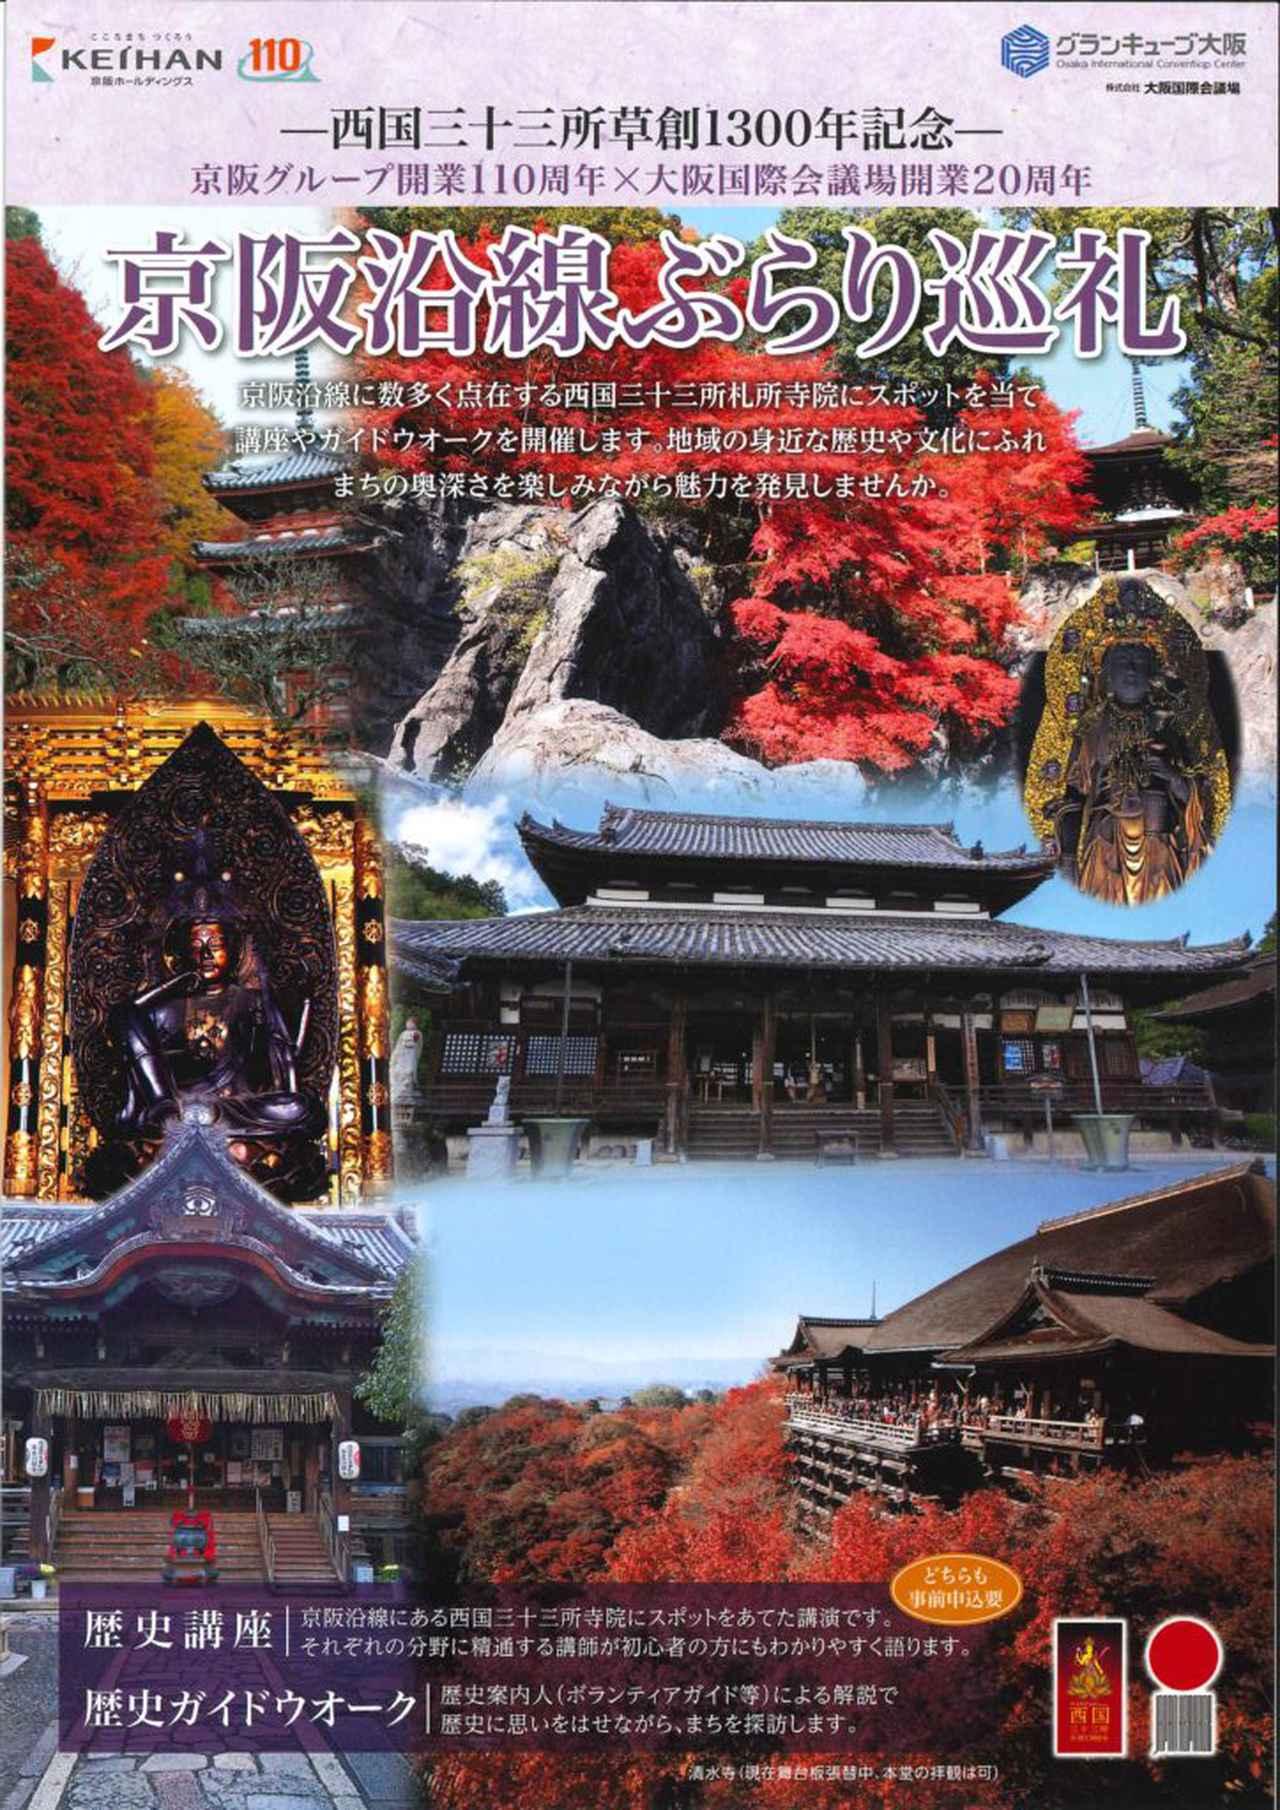 画像: 【参加募集中】京阪沿線ぶらり巡礼『歴史ガイドウォーク』   びわ湖大津トラベルガイド